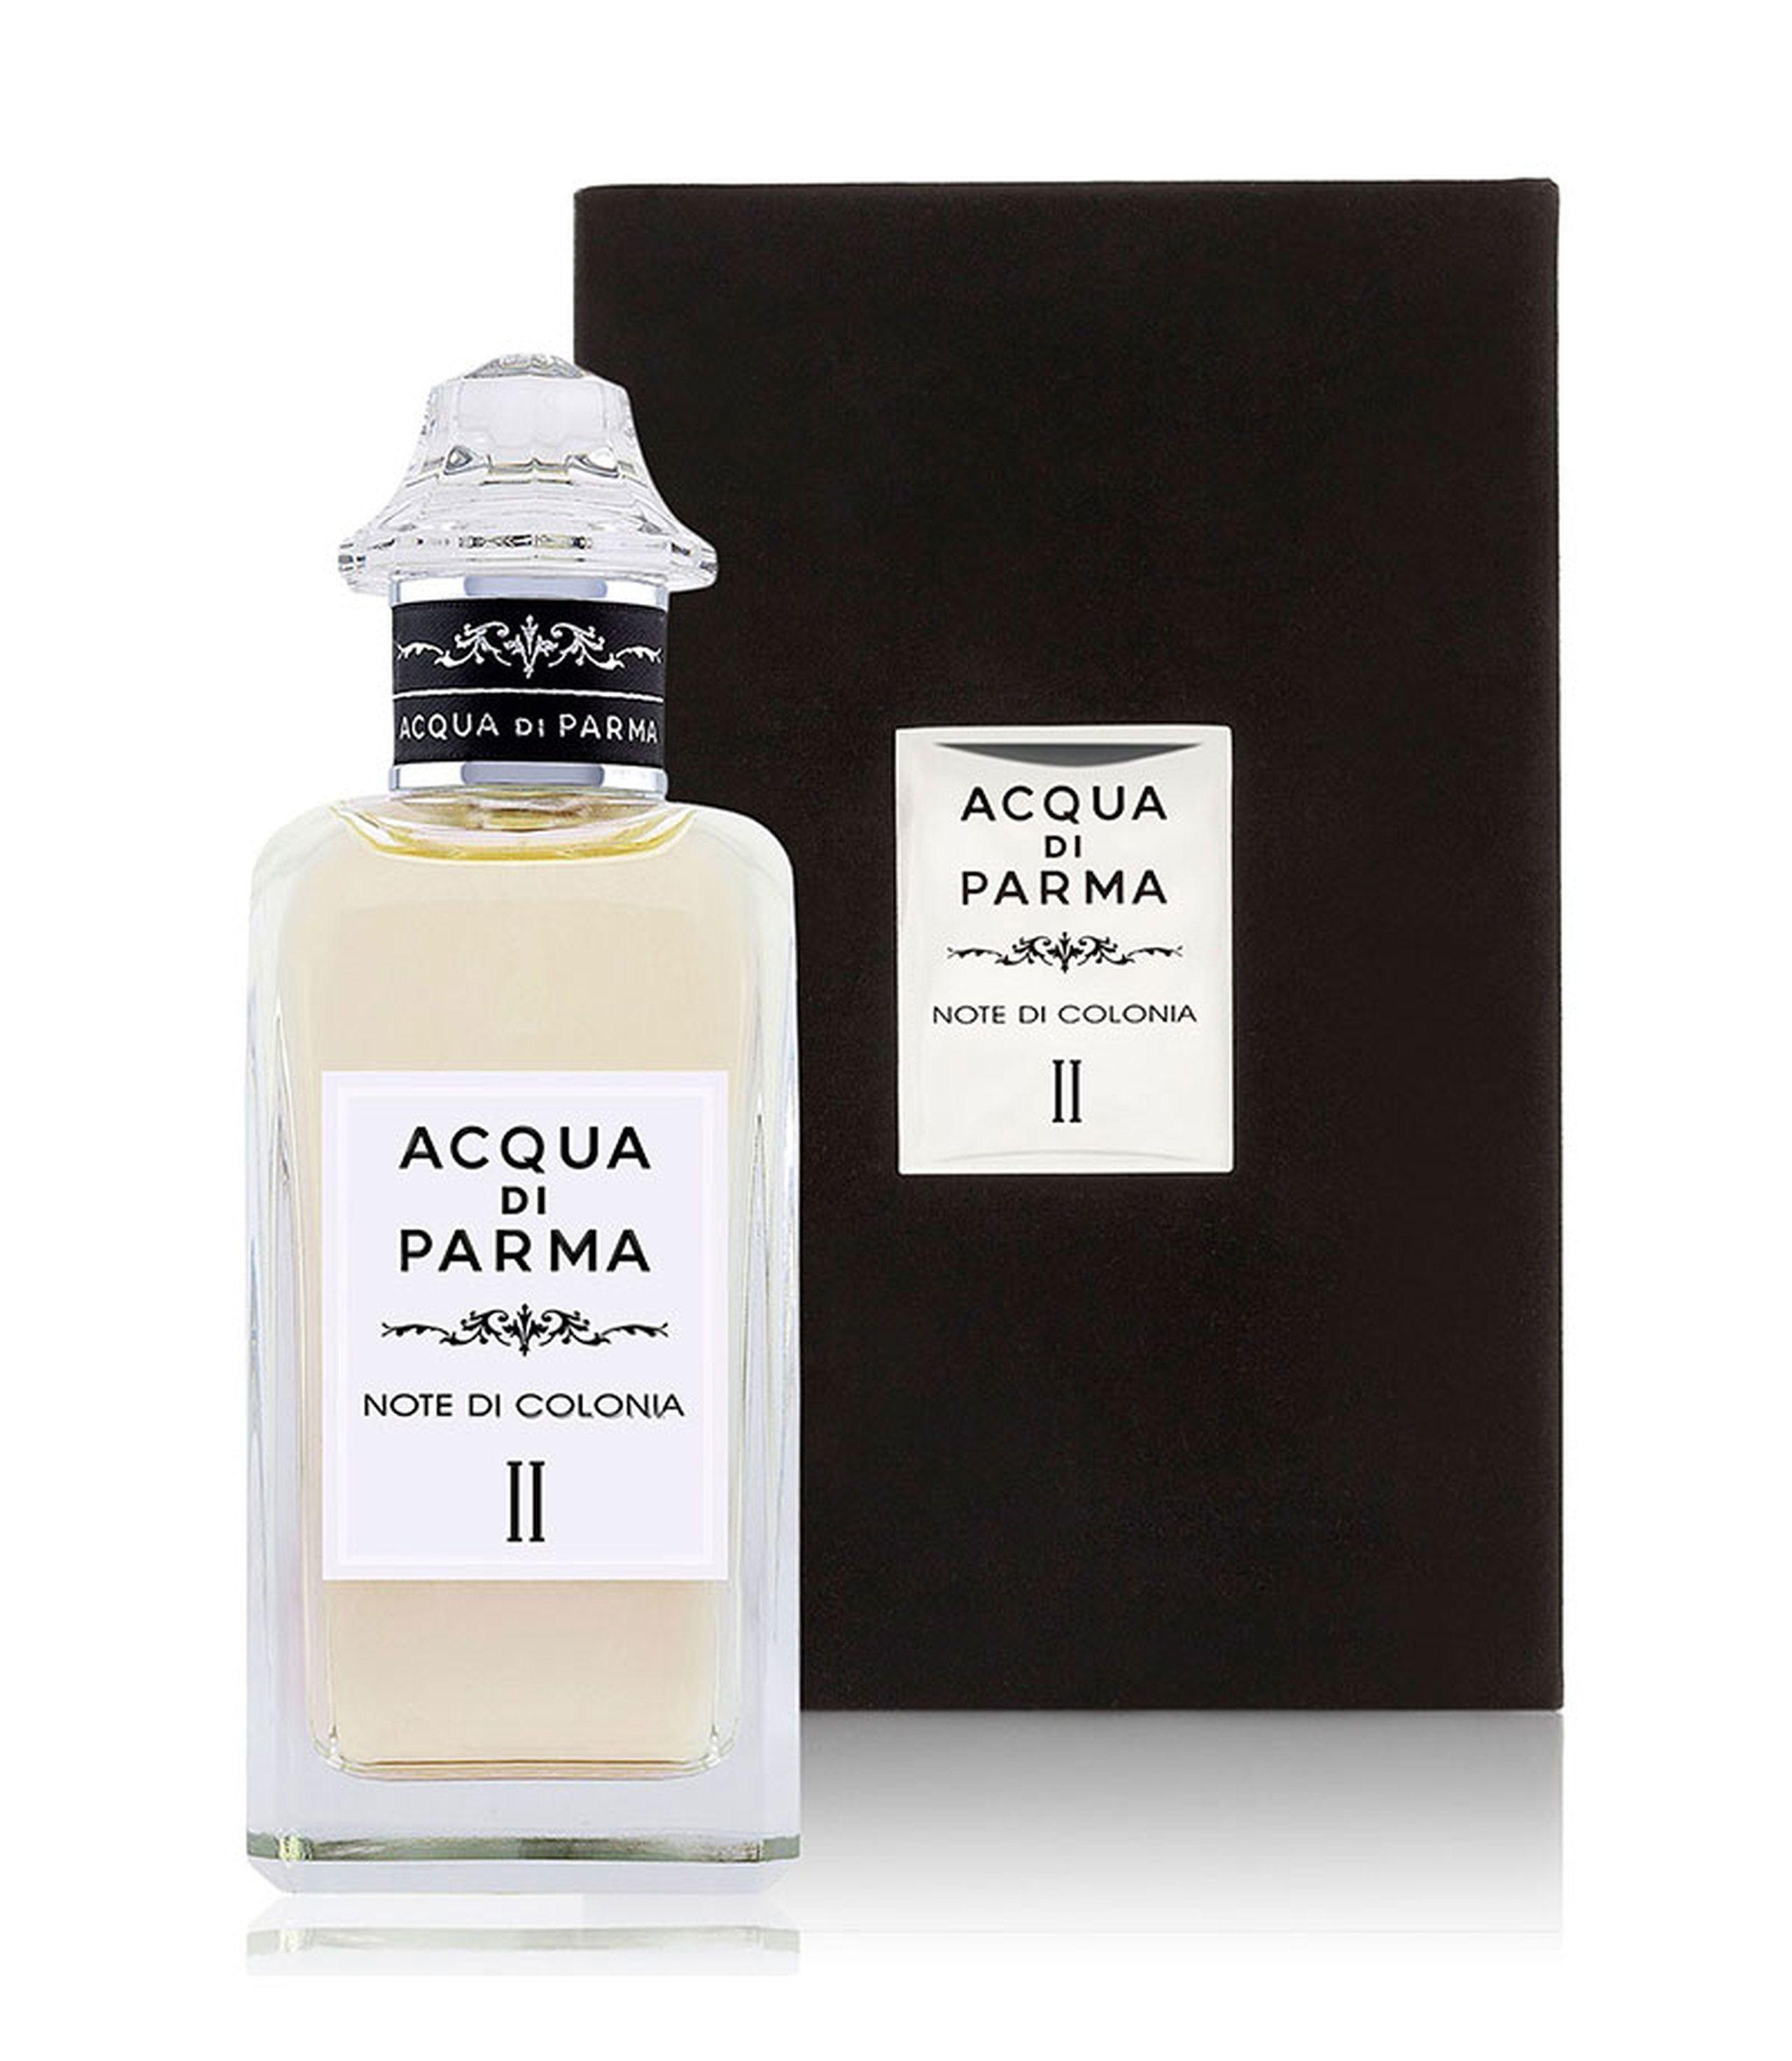 Acqua Di Parma Note Di Colonia Ii Eau De Cologne Spray 5 Oz Unisex Cologne Spray Eau De Cologne Acqua Di Parma